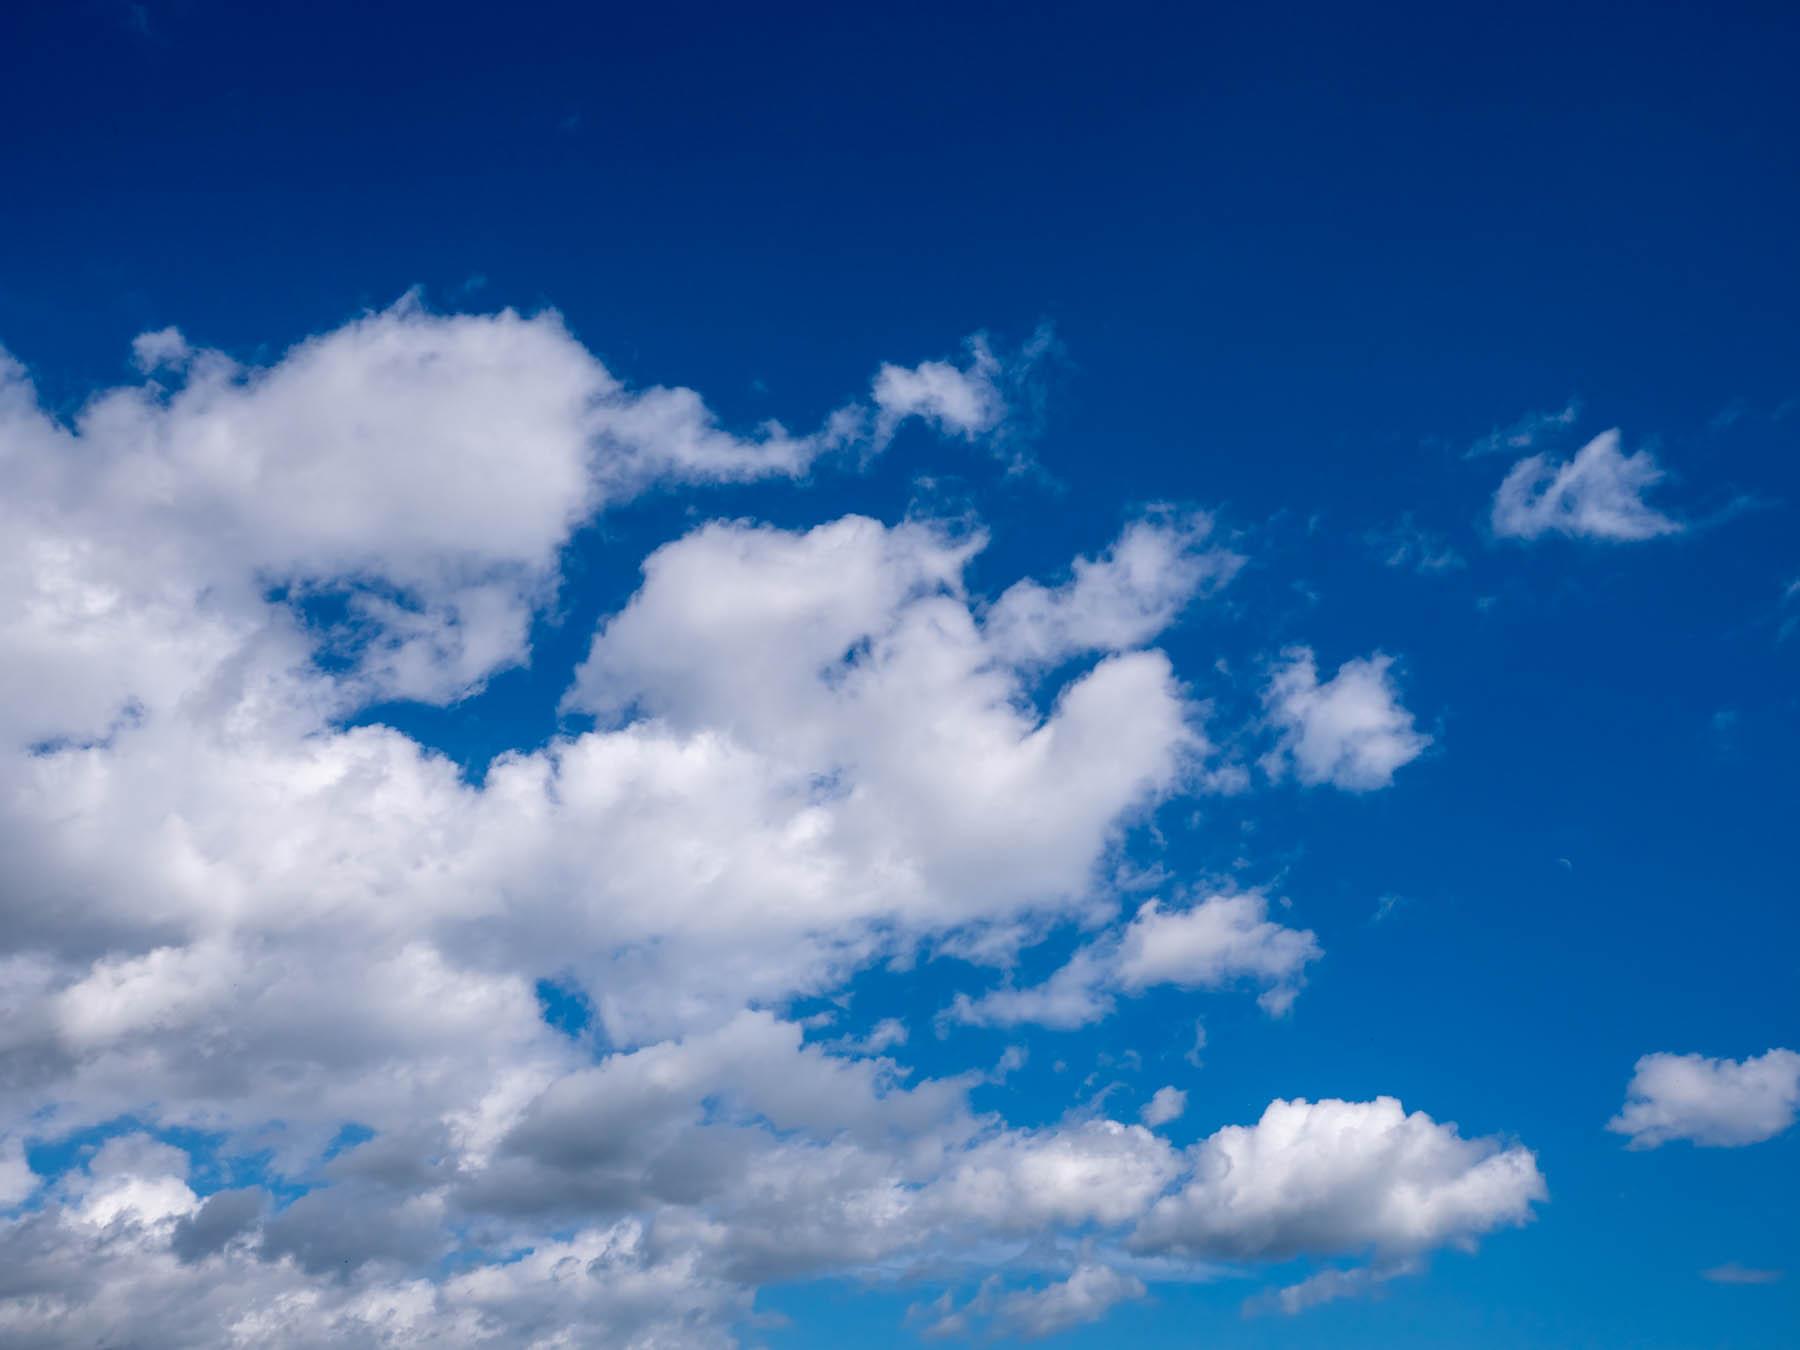 鮮やかな空の青さと雲の白さの夏模様